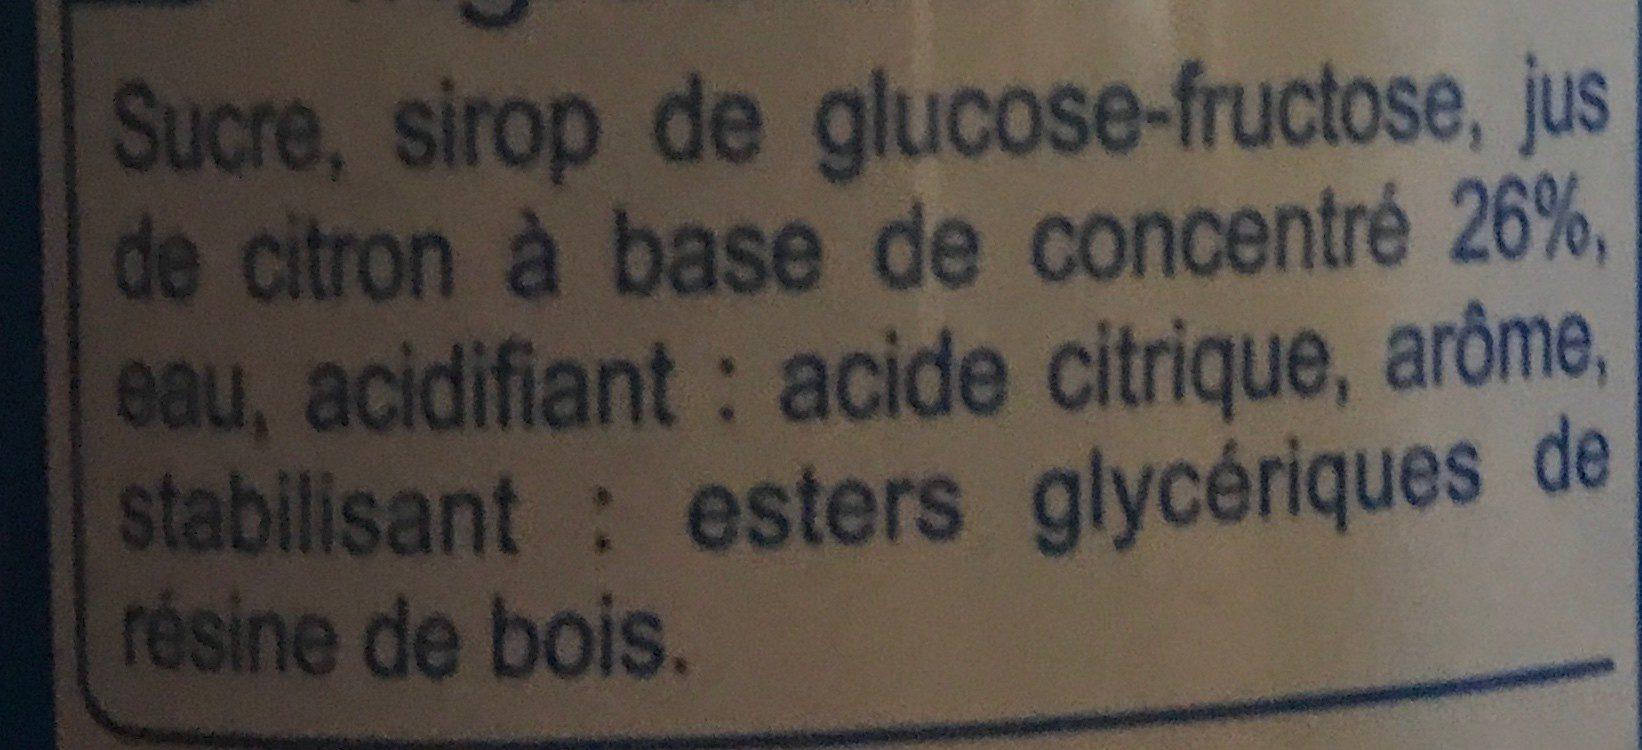 Sirop de citron à diluer - Ingredients